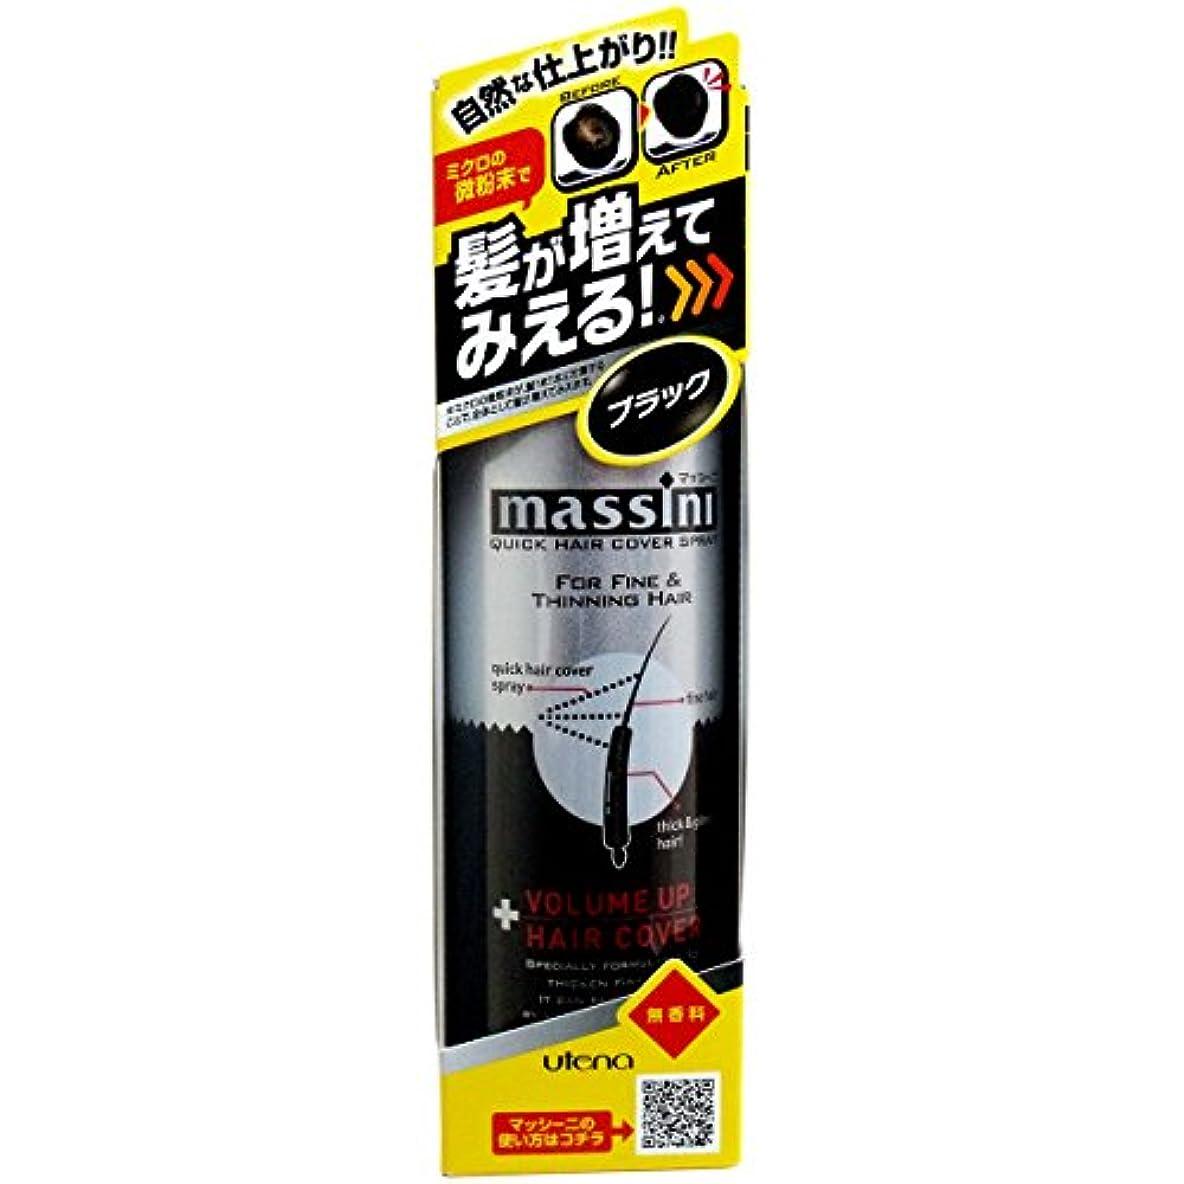 従来の保護うぬぼれた【ウテナ】マッシーニ クィックヘアカバースプレー(ブラック) 140g ×3個セット